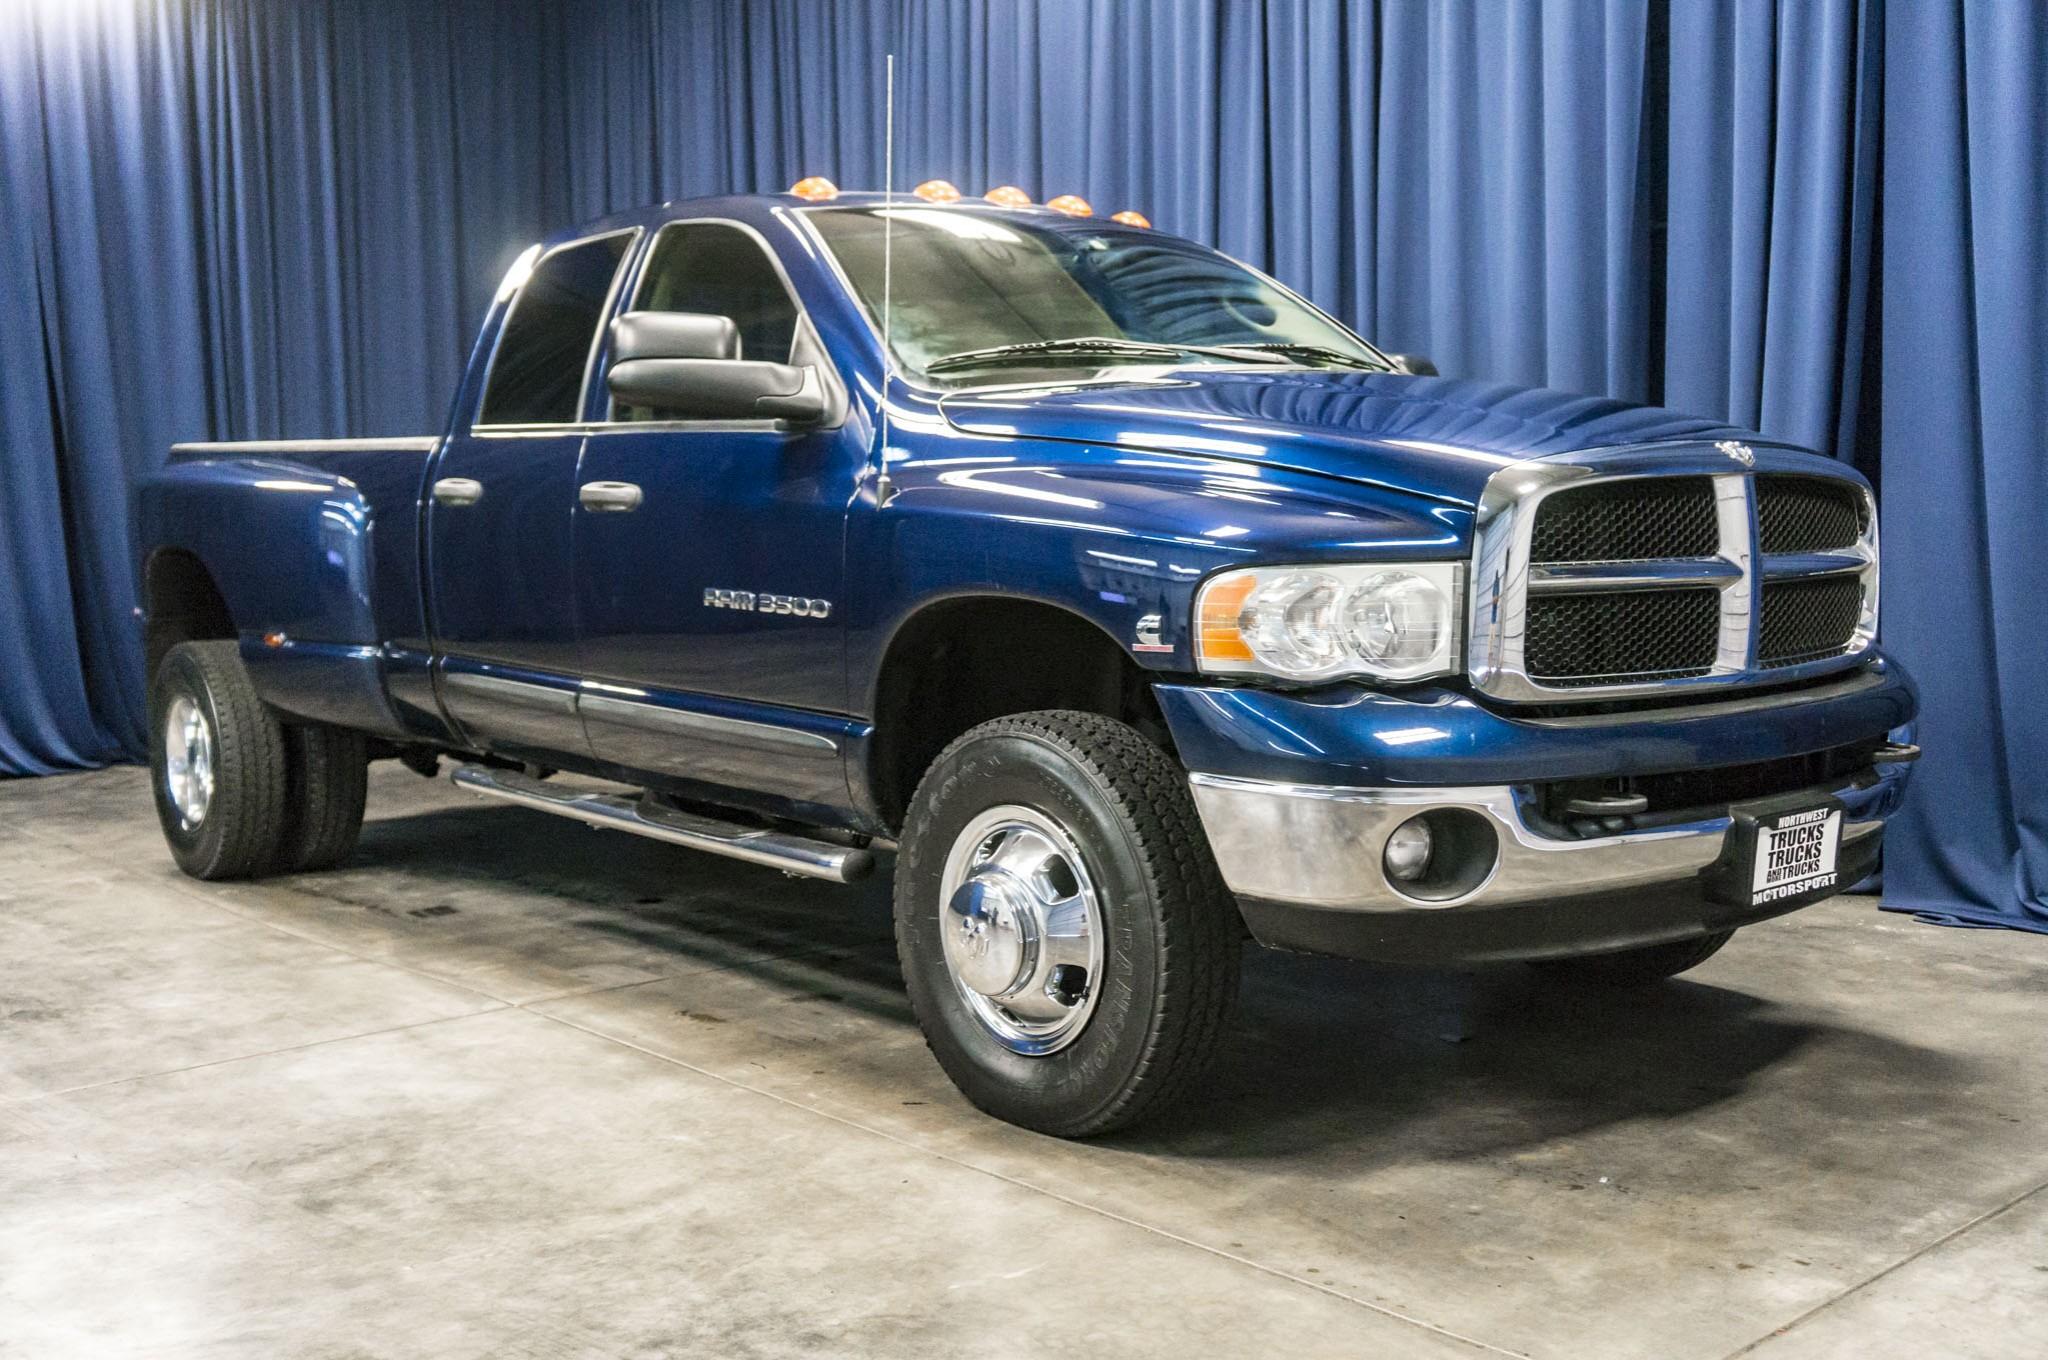 used 2004 dodge ram 3500 slt dually 4x4 diesel truck for sale 41953. Black Bedroom Furniture Sets. Home Design Ideas